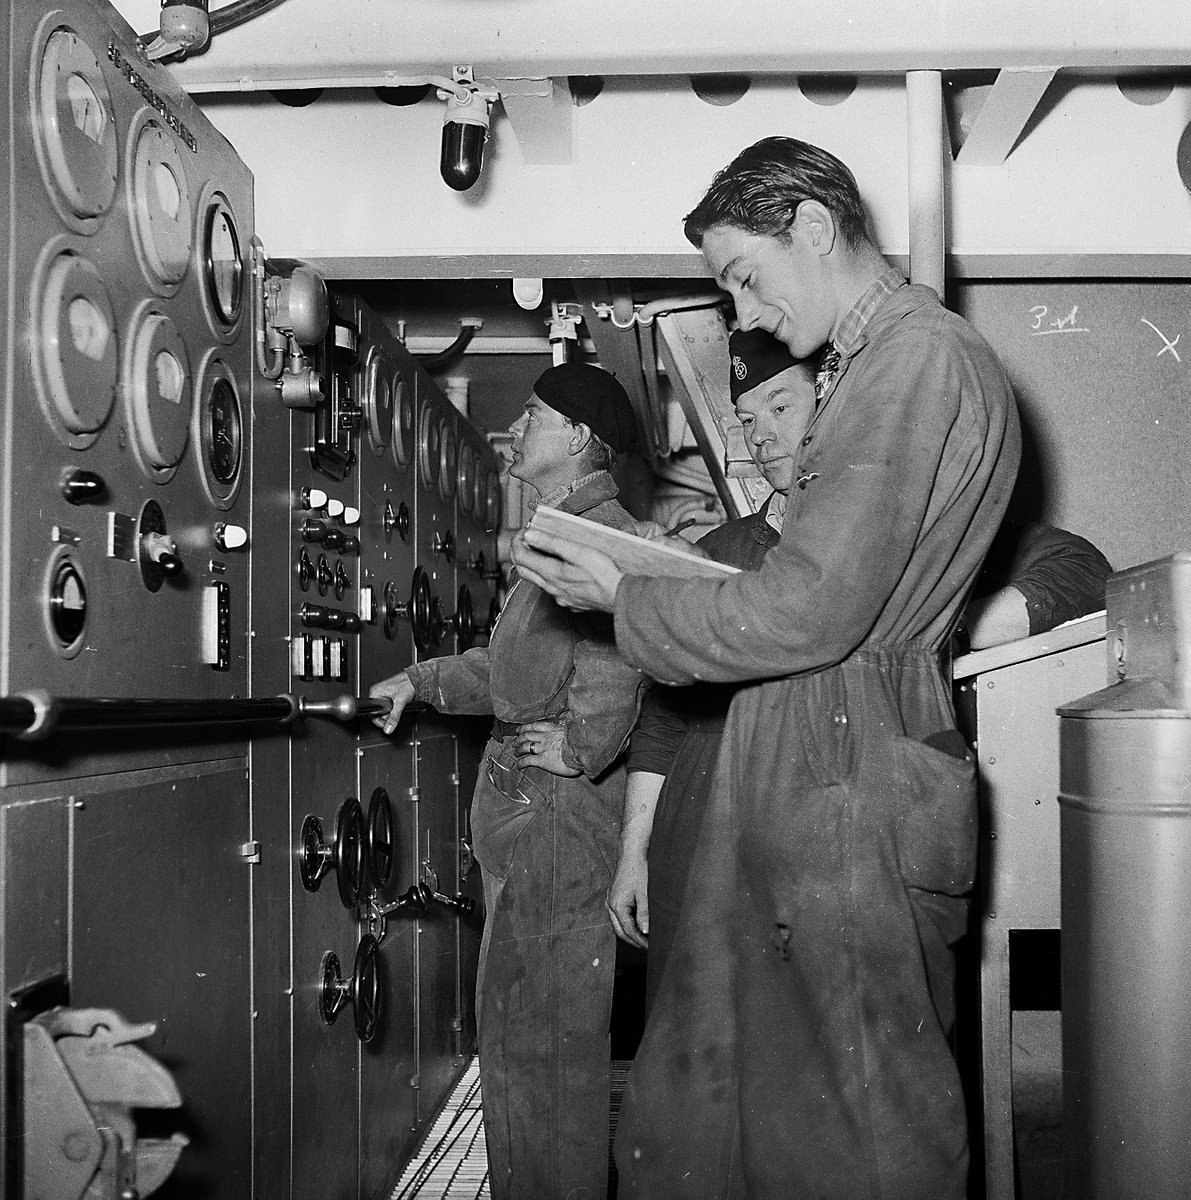 Fartyg: THULE                           Övrigt: Thule på Karlskrona varvet. Provningspersonal vid manövertavlan under isbrytaren Thules provtur. 1953